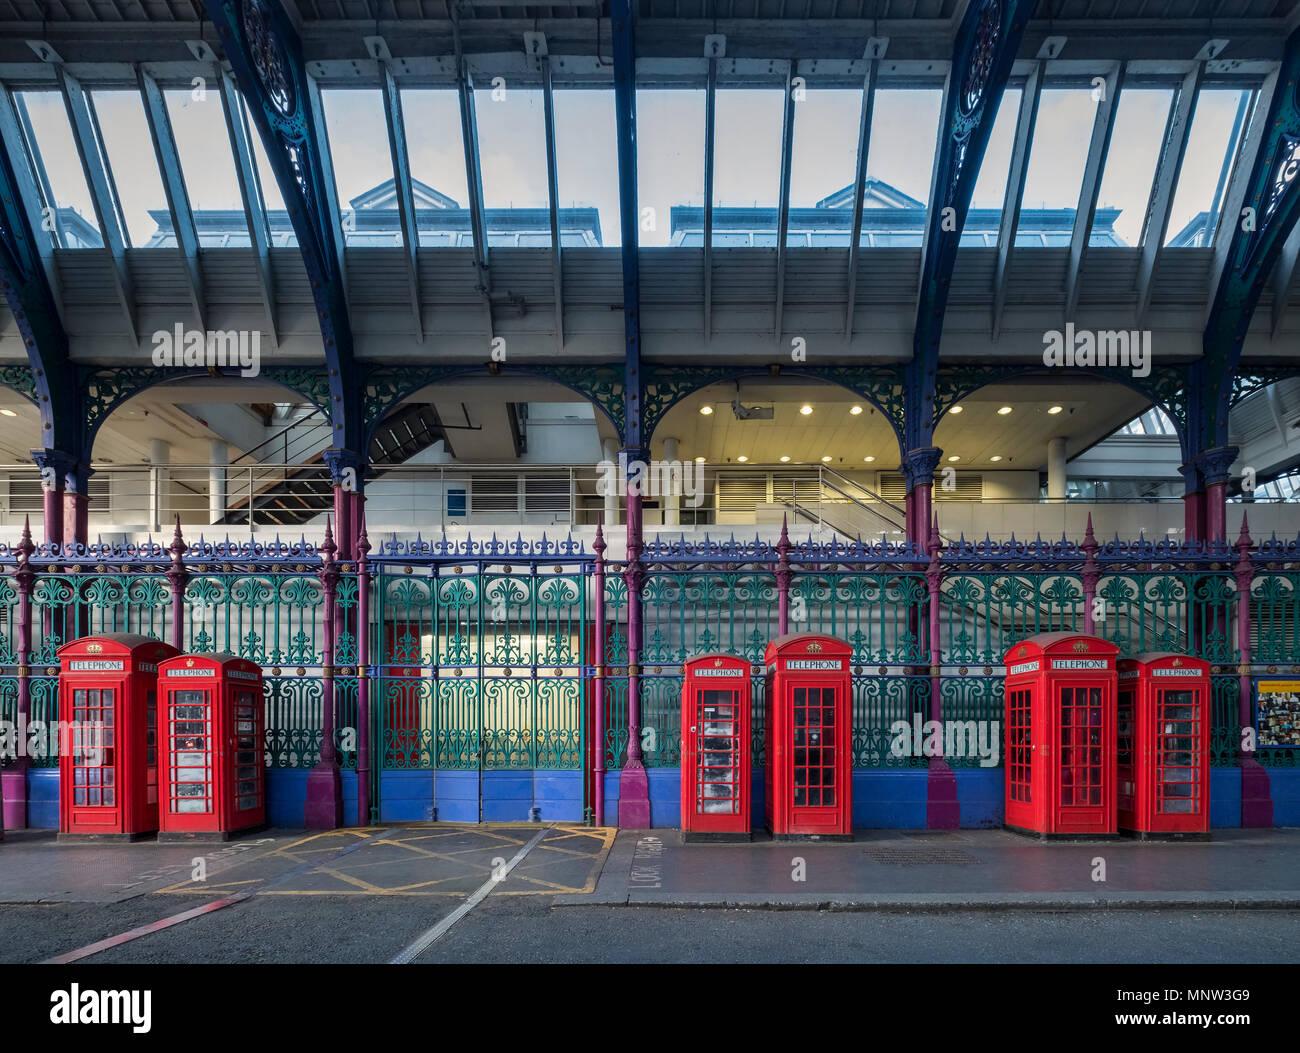 British Red Telephone Boxes at Smithfield Market, London, England, UK - Stock Image